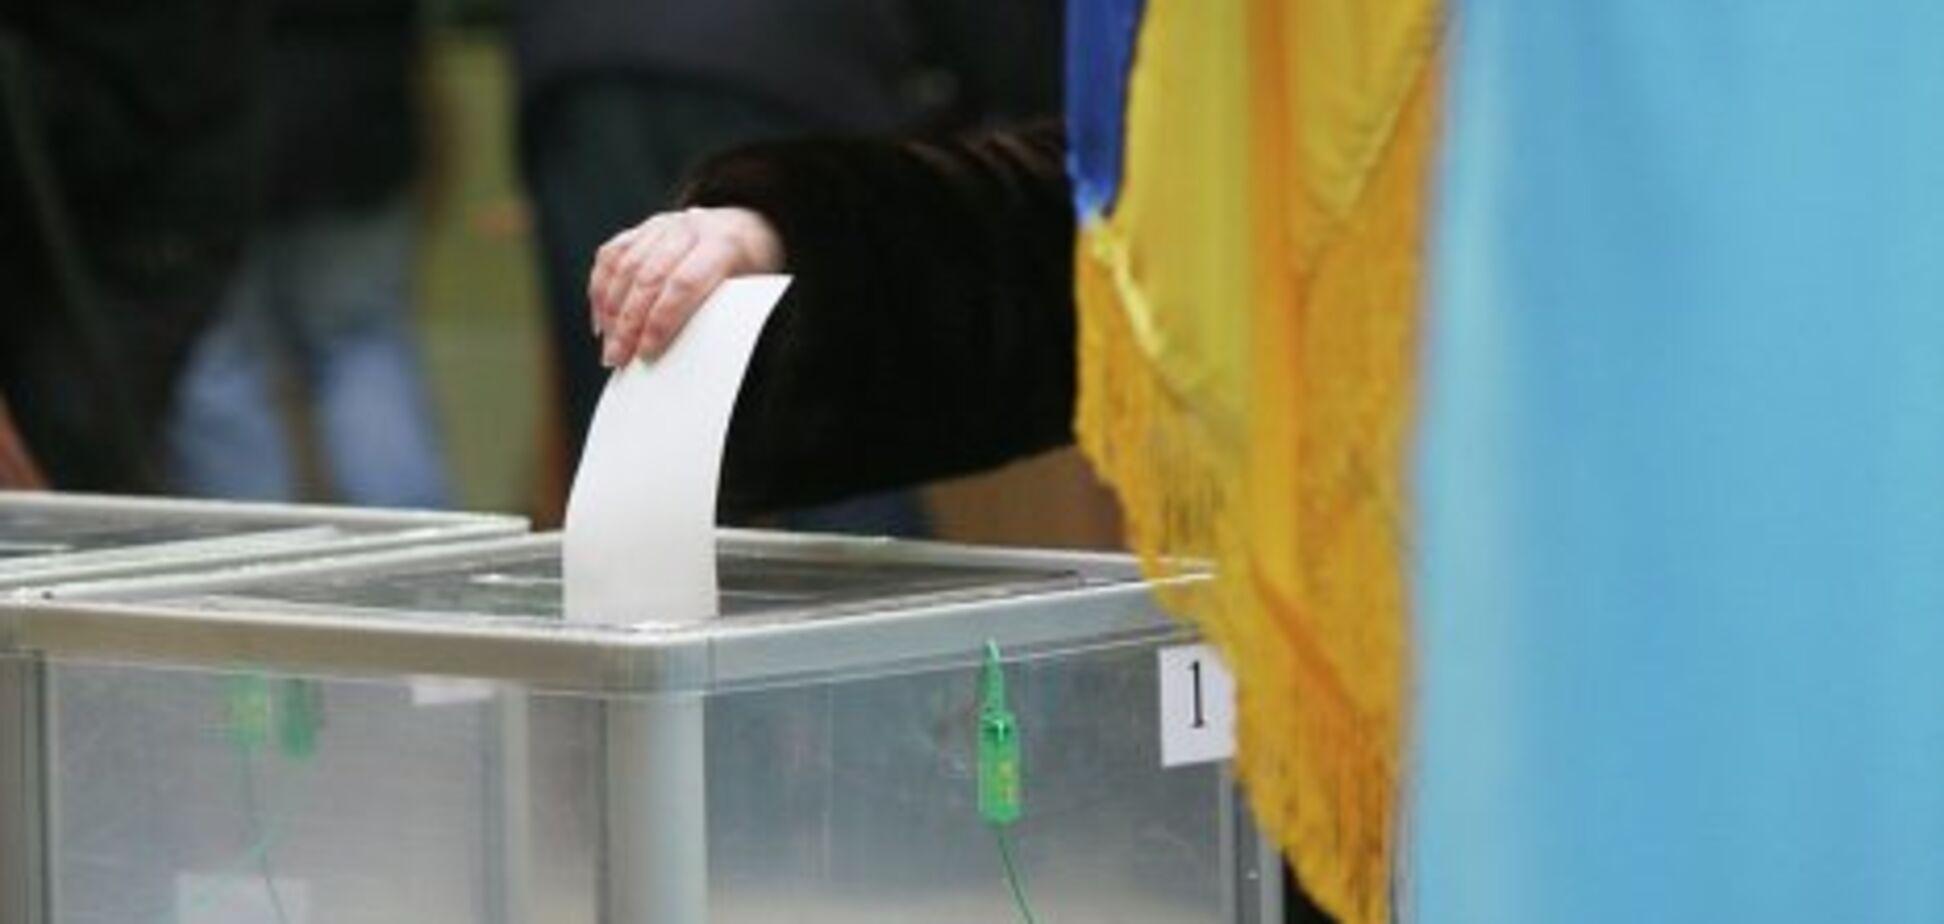 Голосование переселенцев: в Украине утвердили новые правила